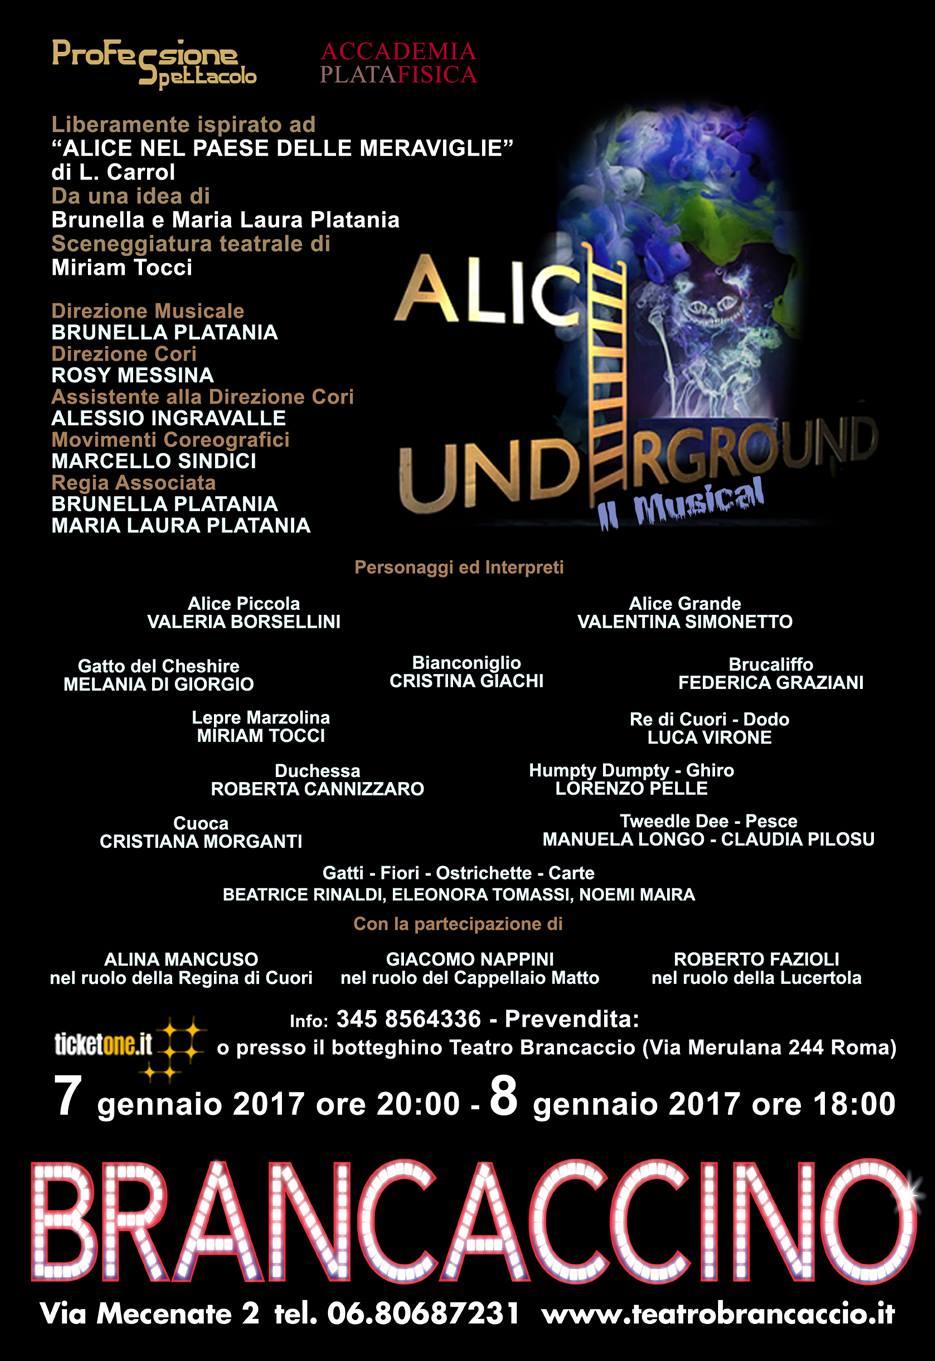 Alice Underground a gennaio a Roma con Accademia Platafisica